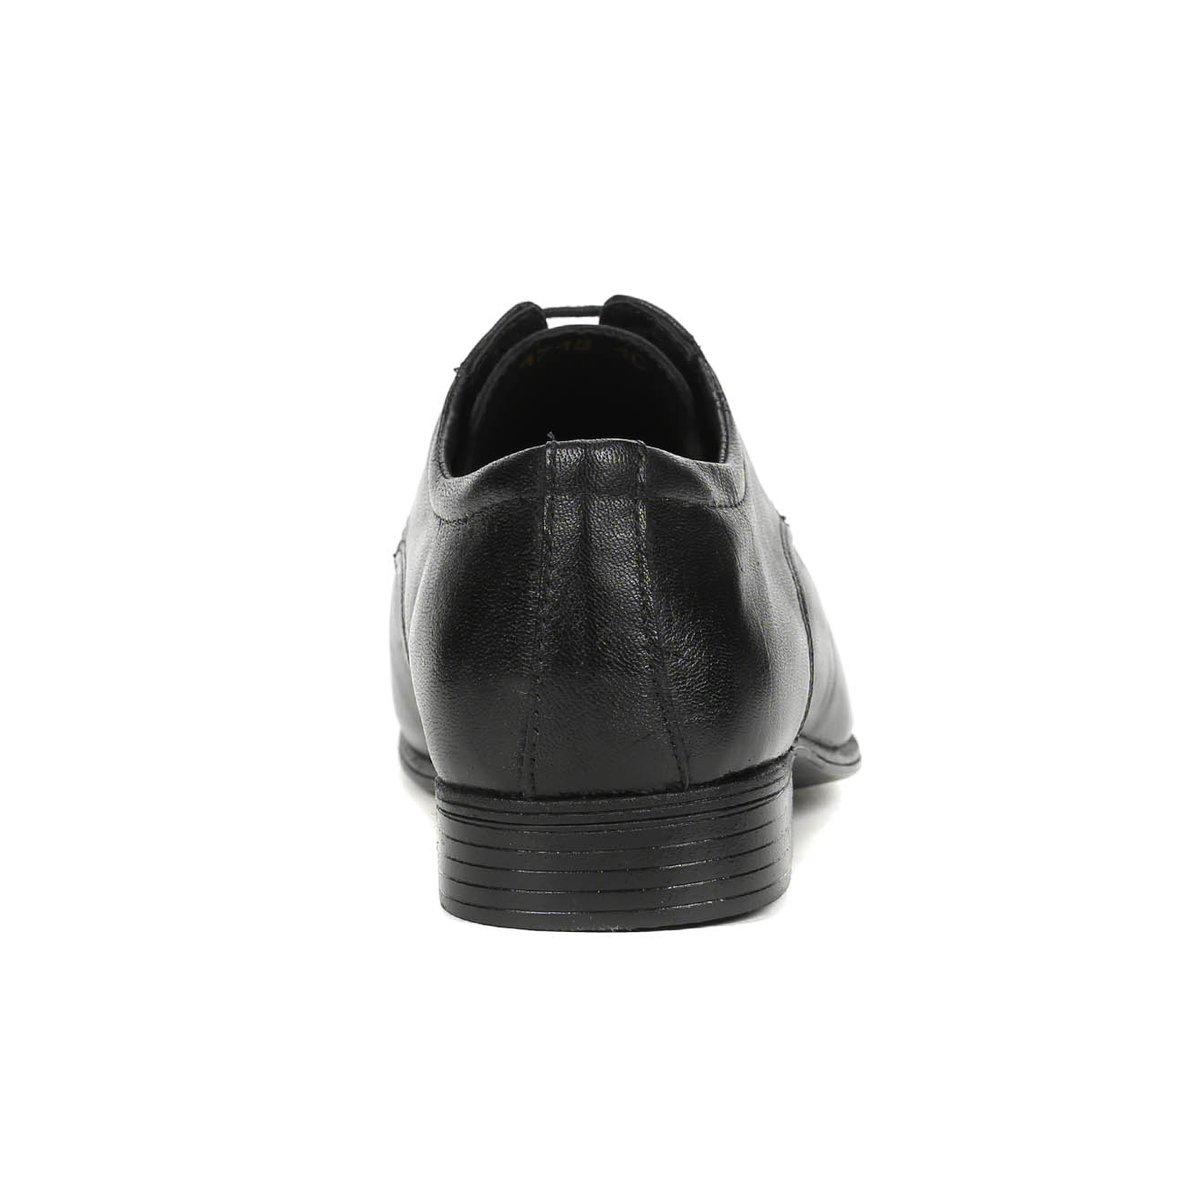 Masculino Sapato Elétron Preto Casual Casual Masculino Sapato Preto AIxH8nq5